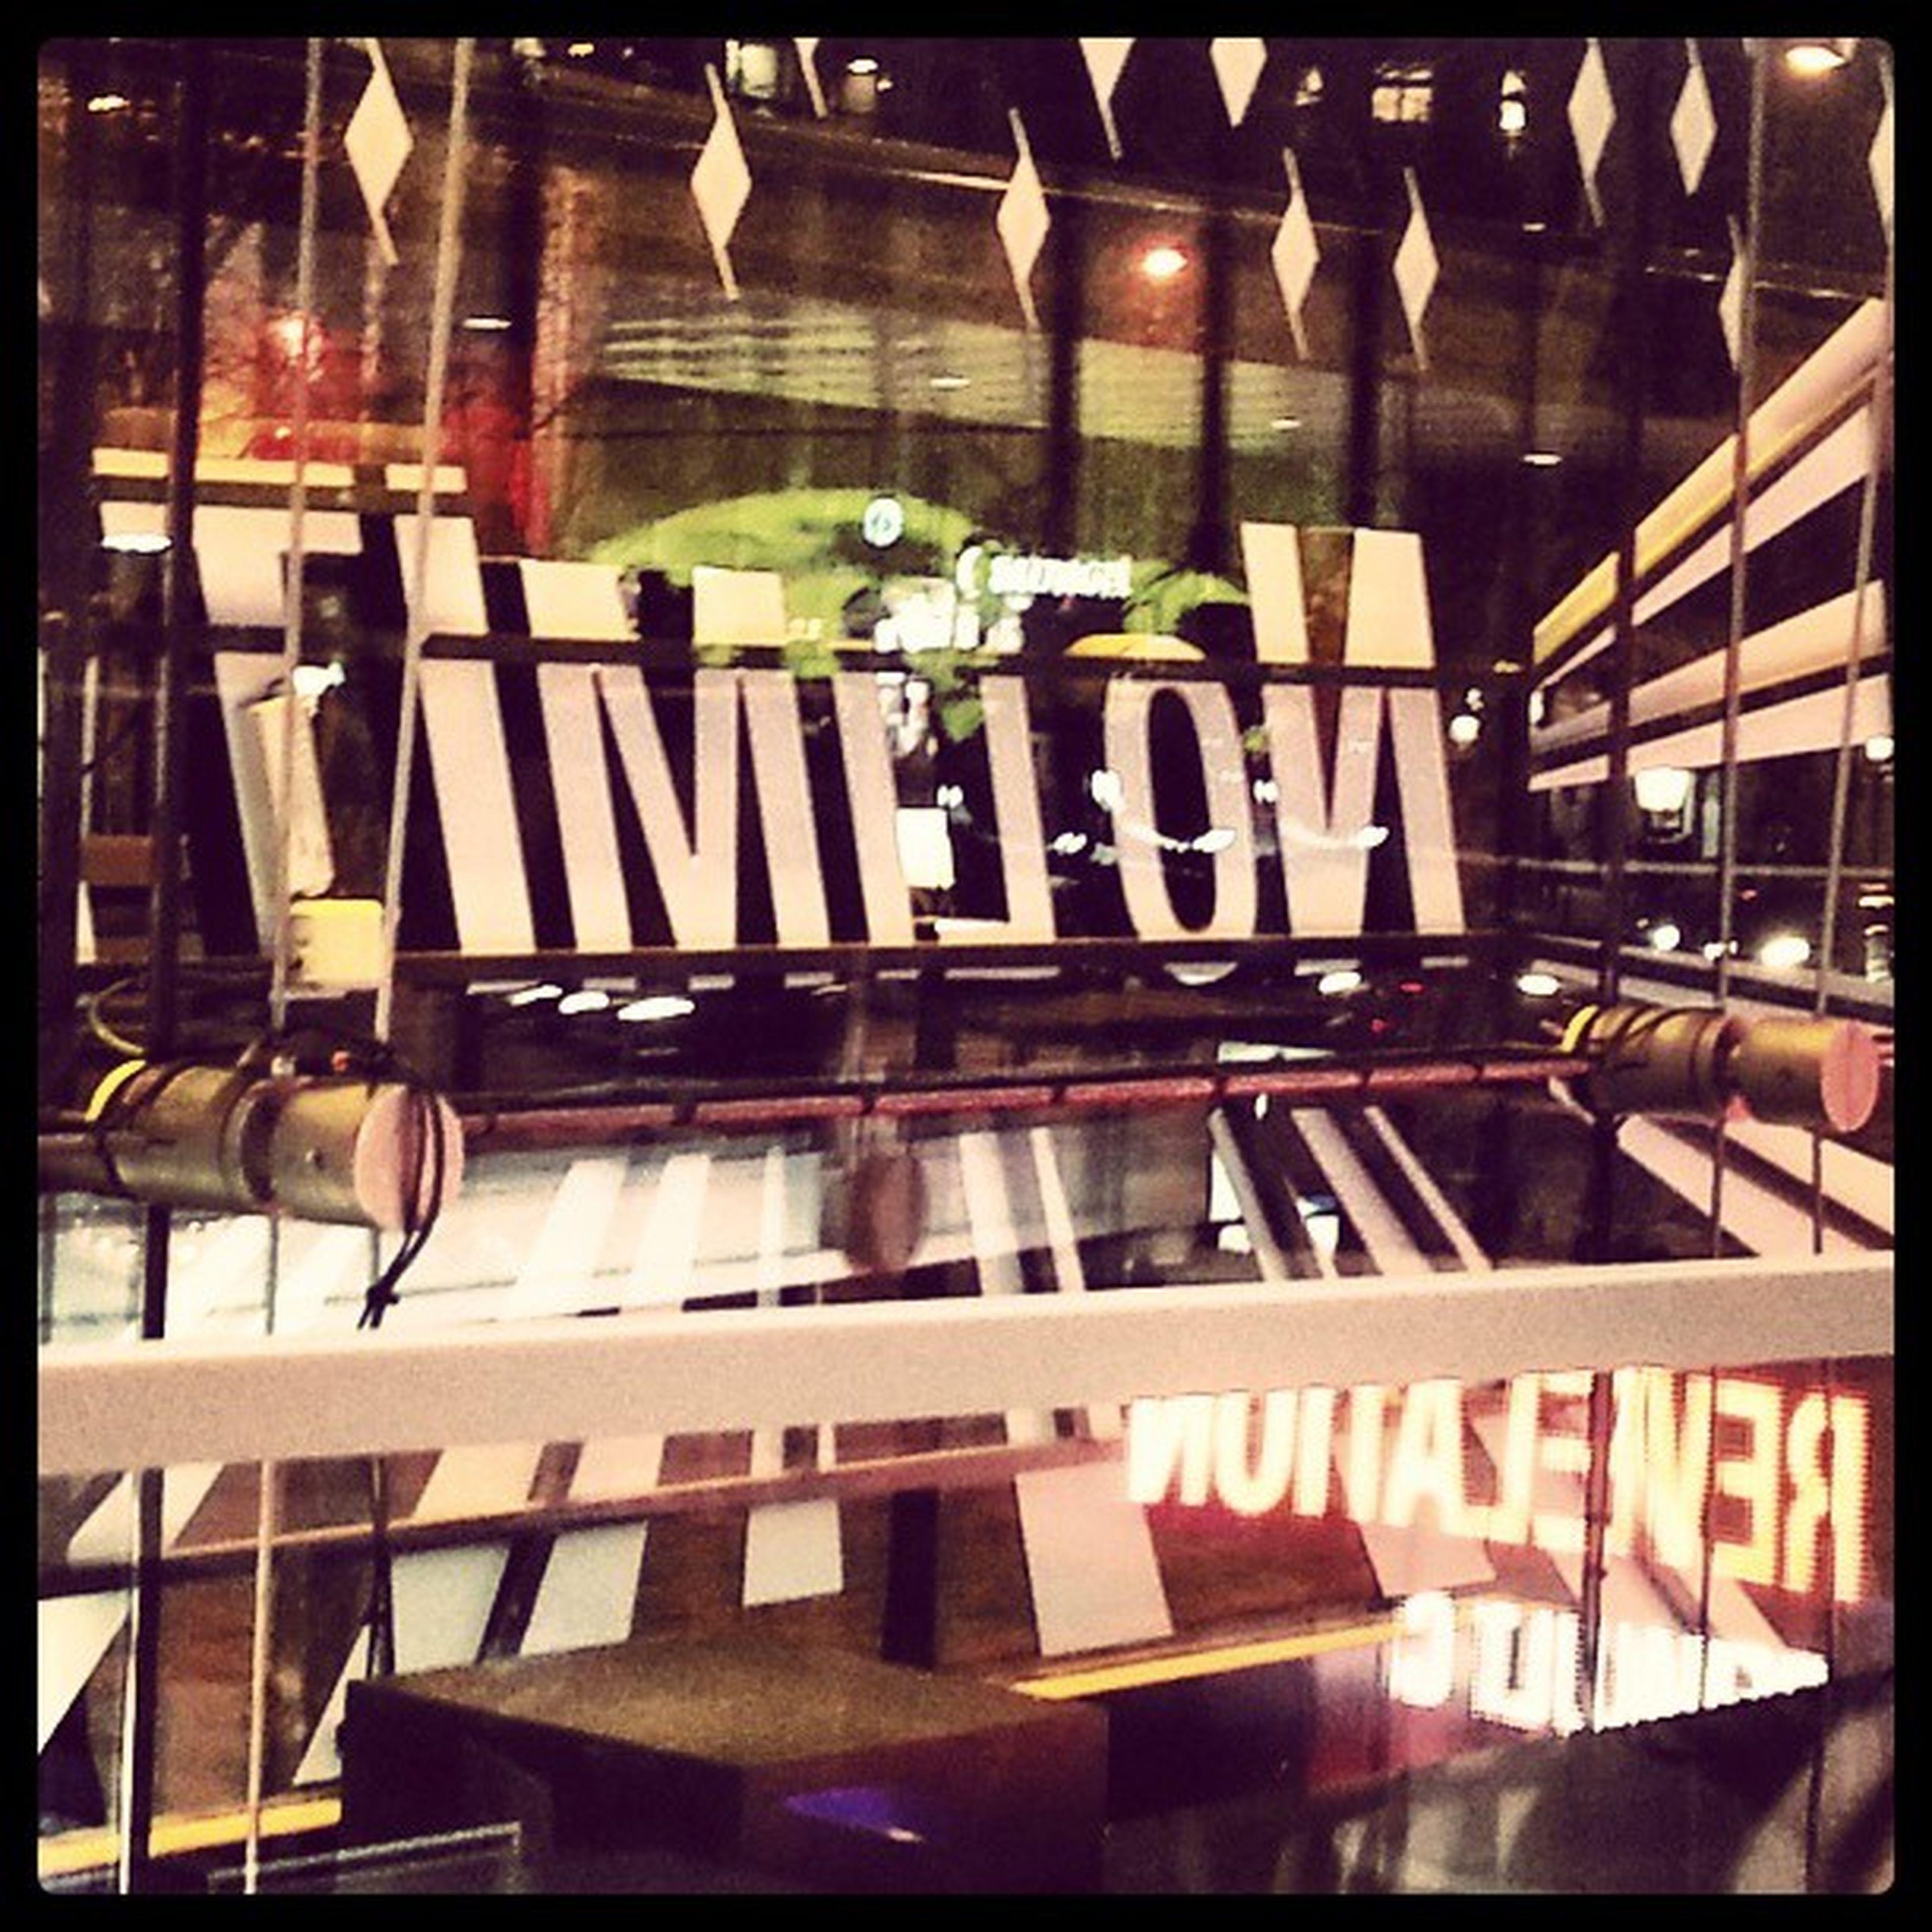 No Limit AtelierRenault Paris